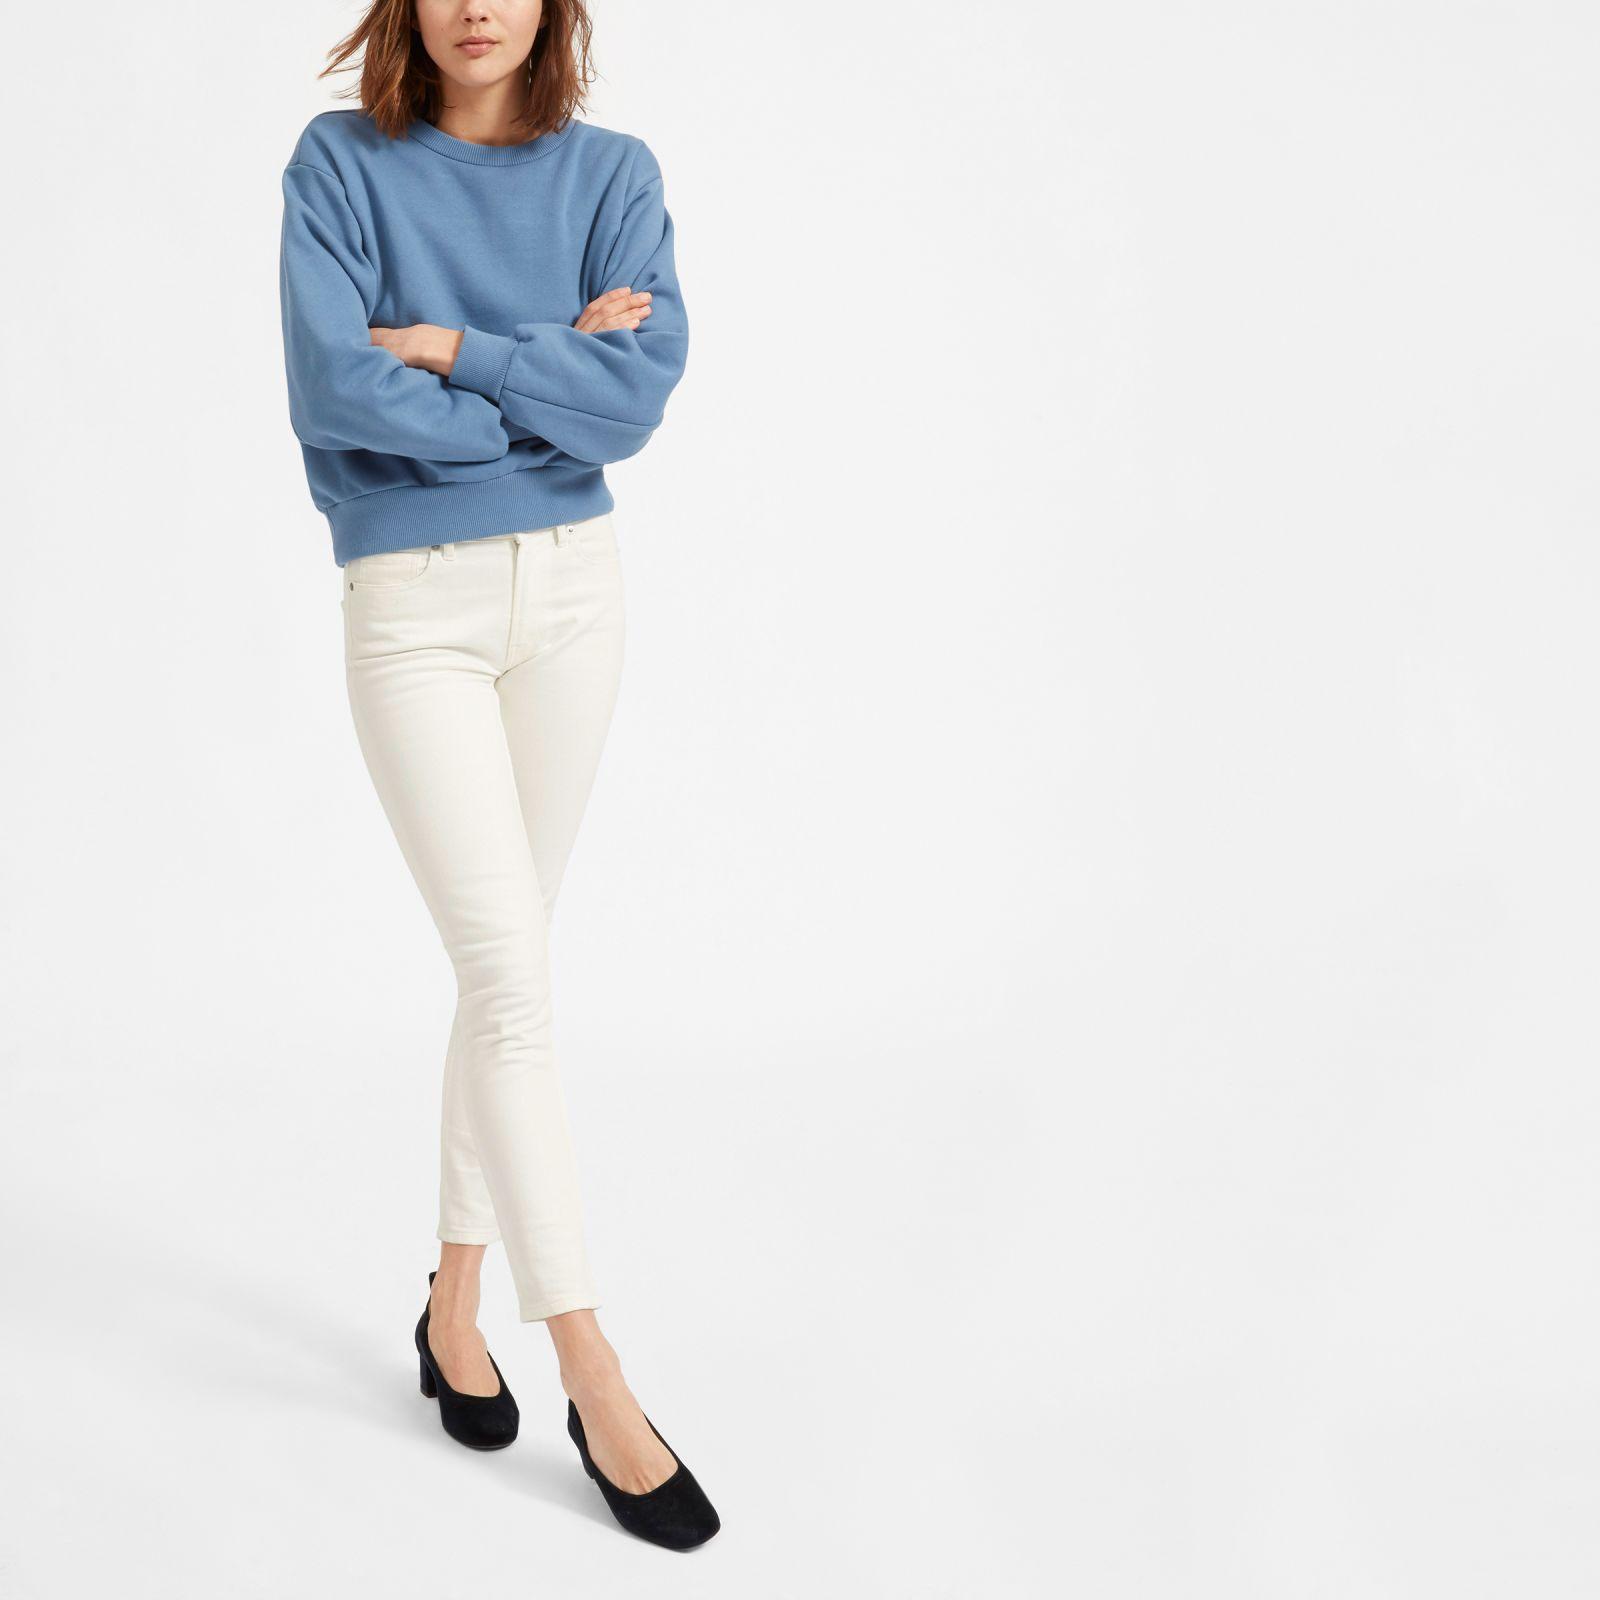 women's mid-rise skinny jean by everlane in bone, size 23